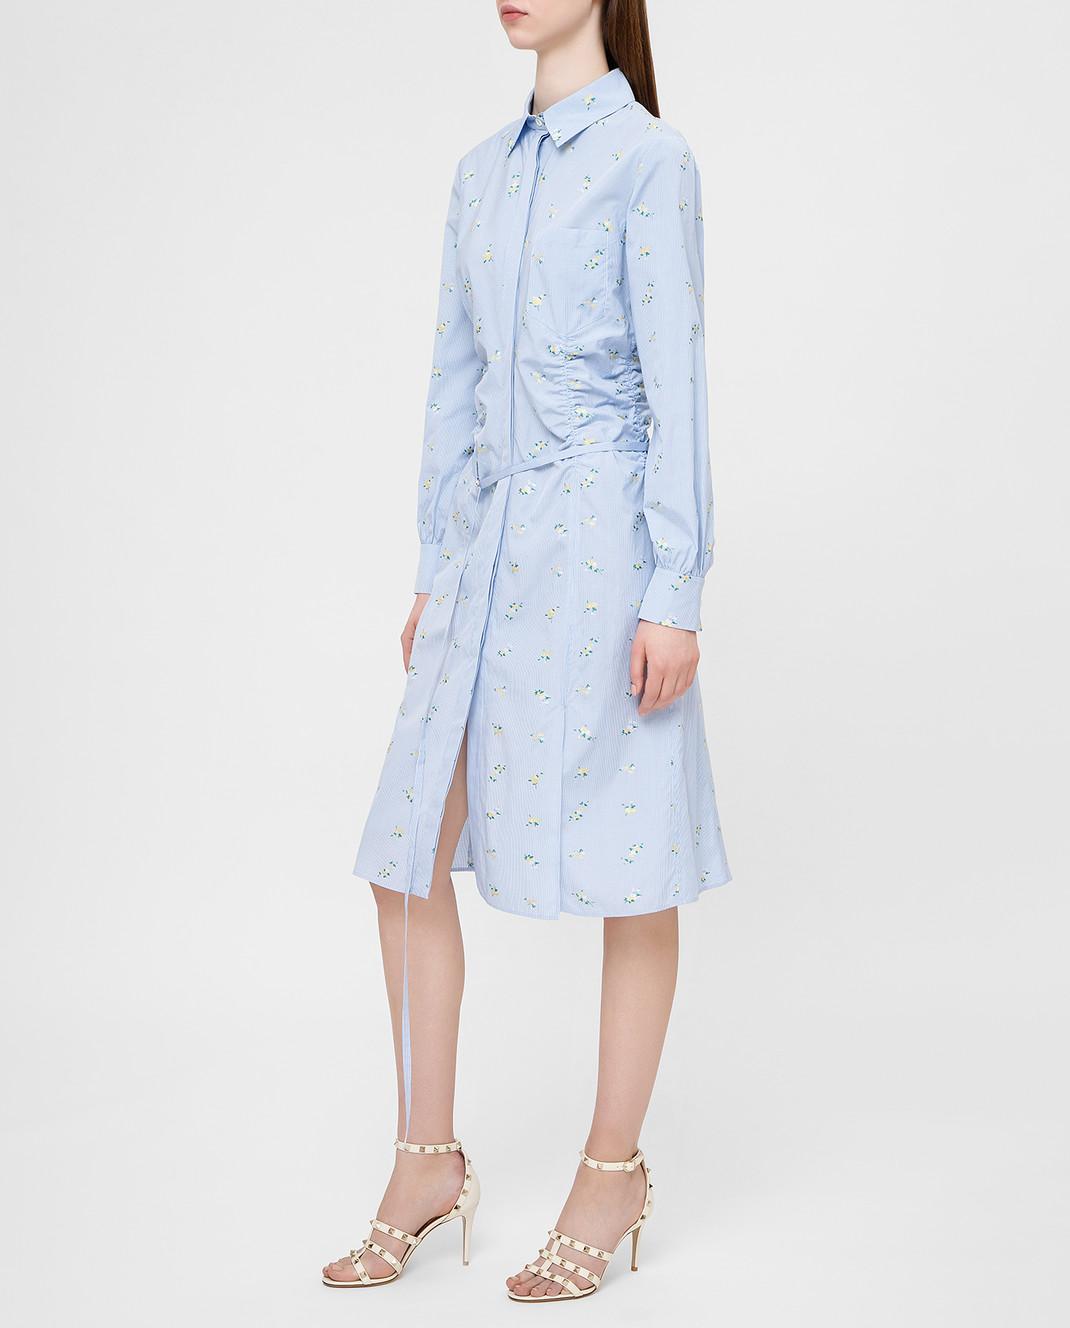 Altuzarra Голубое платье изображение 3